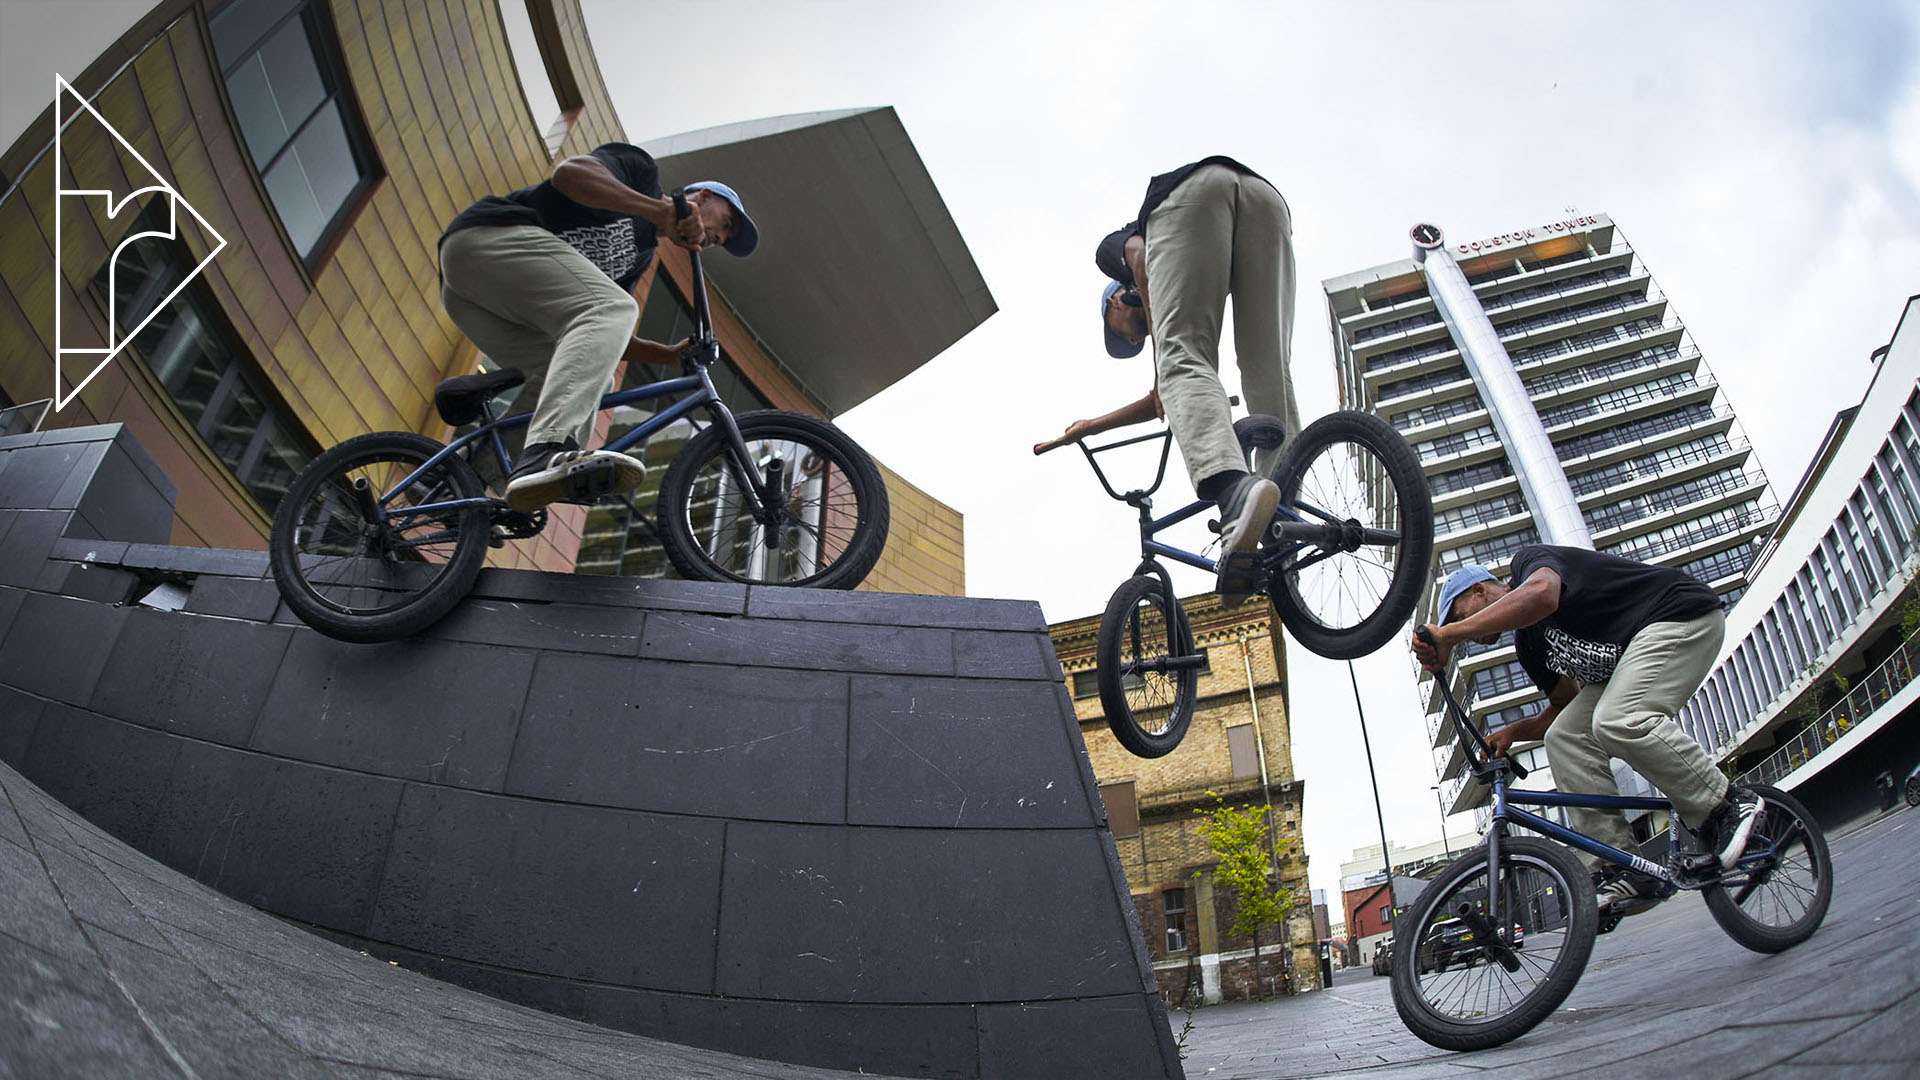 Bristol BMX Street with Jordan Godwin & Crucial BMX Crew